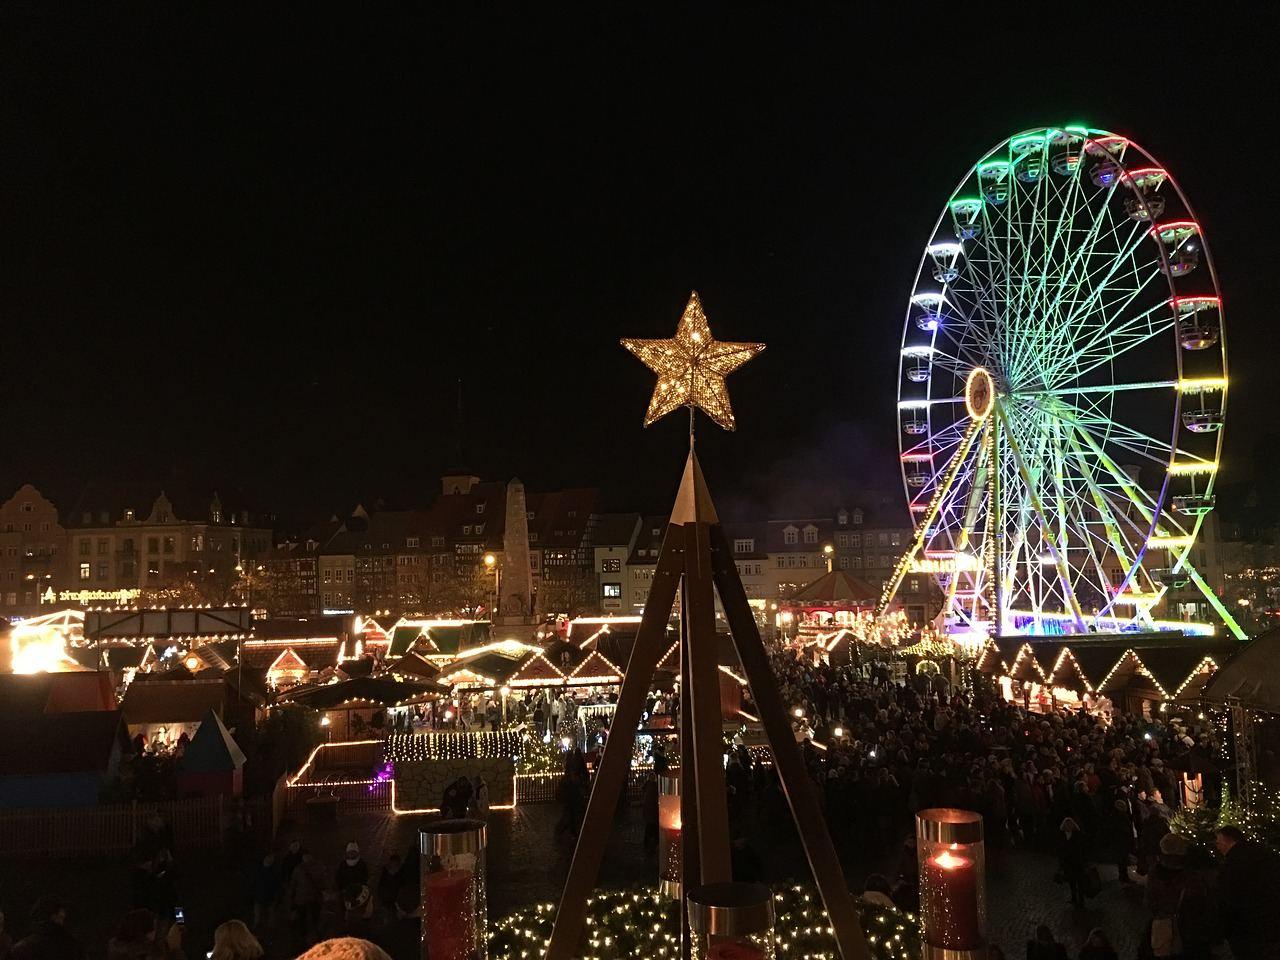 Source: https://pixabay.com/de/photos/riesenrad-weihnachtsmarkt-erfurt-1990300/